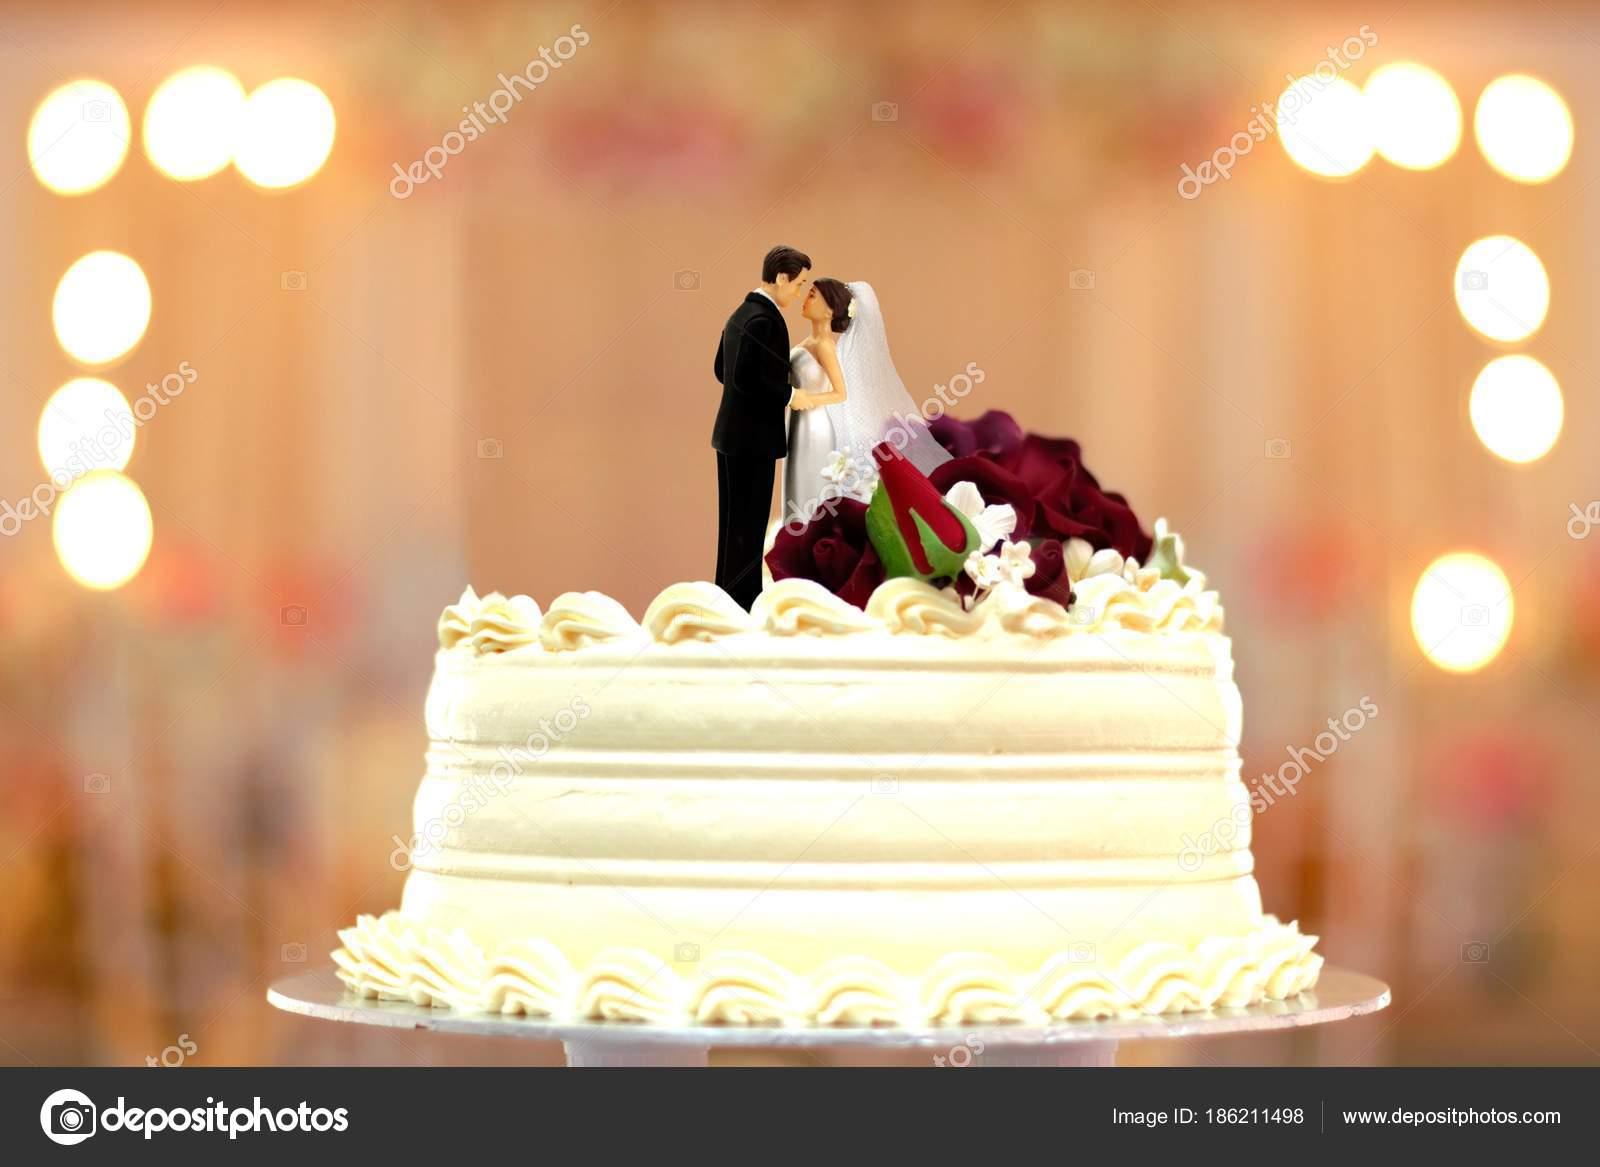 Hochzeitstorte Brautpaar Deckel Stockfoto C Razihusin 186211498